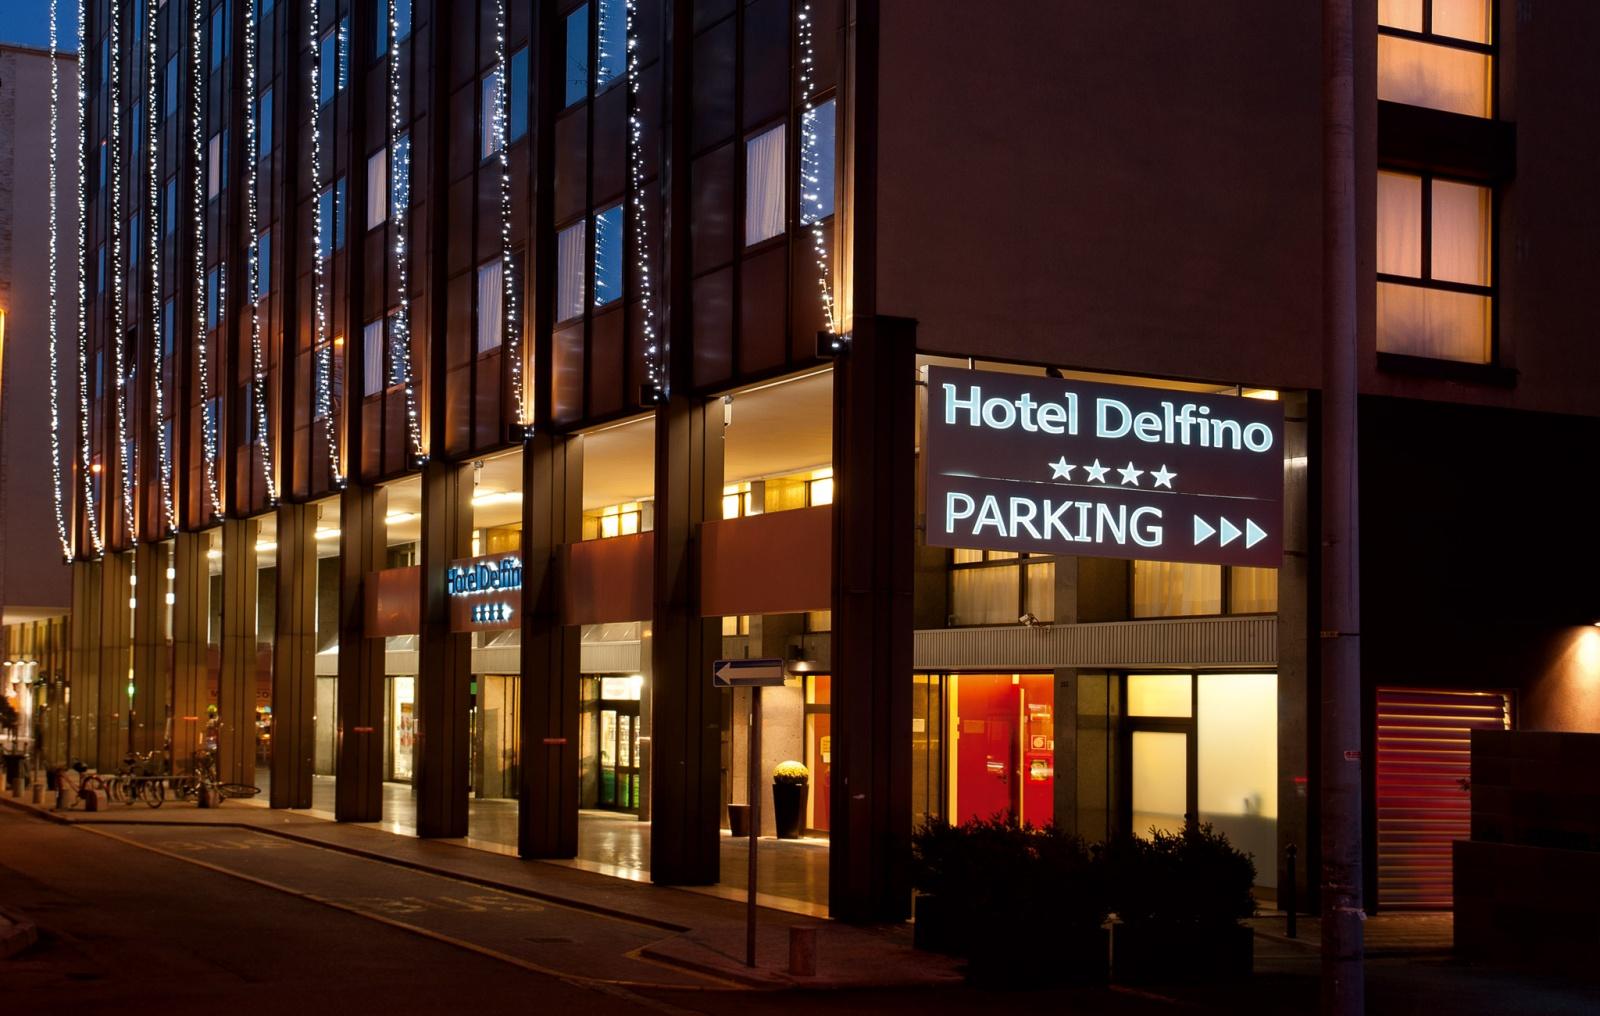 entrada-hotel-delfino-mestre-venezia-02